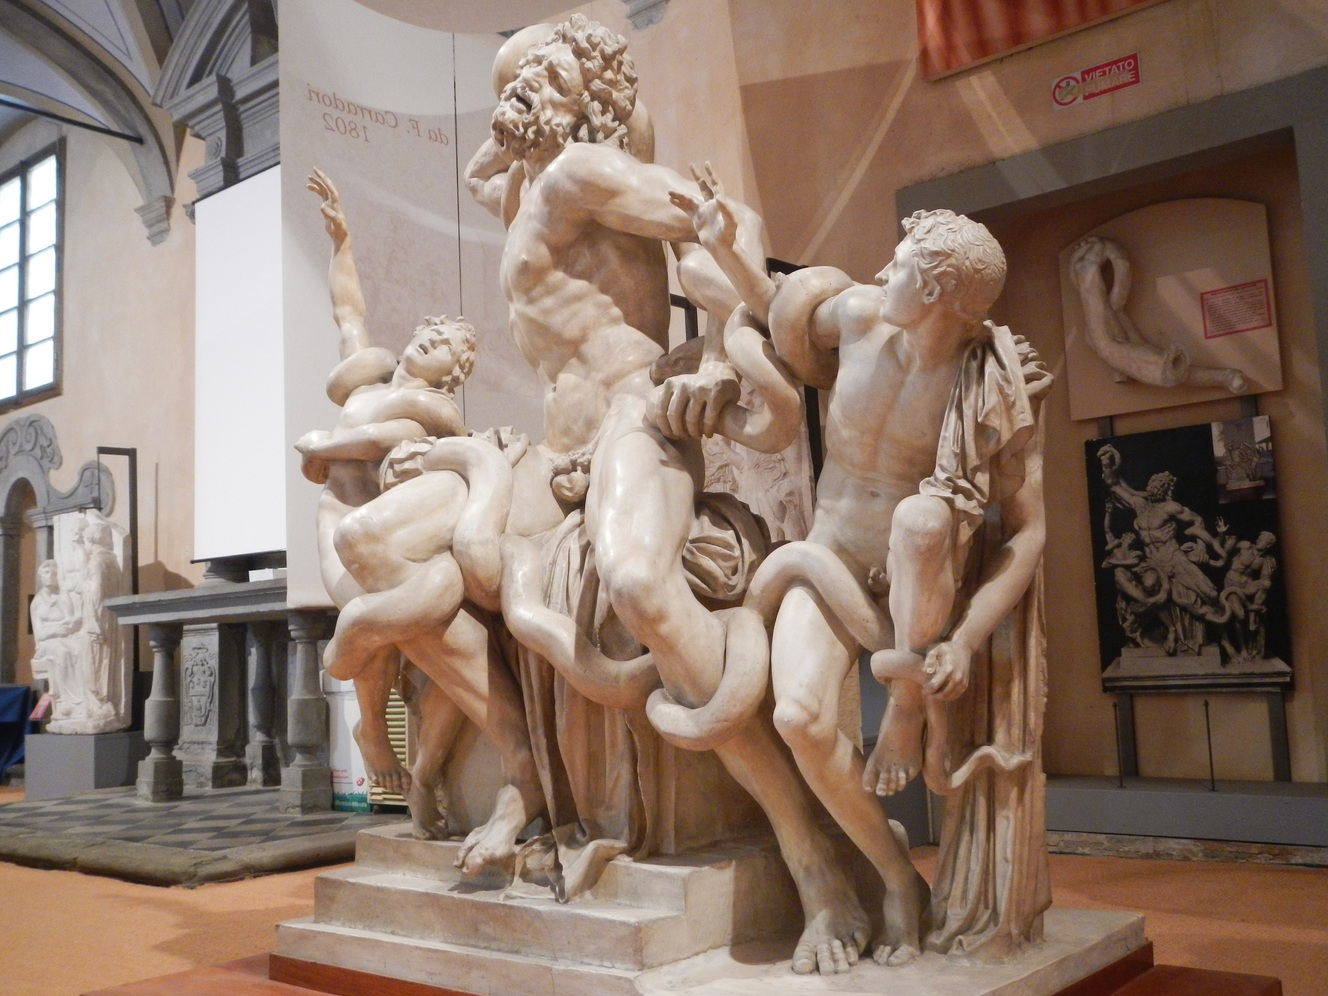 Riproduzione gruppo scultoreo _ Lacoonte della gipsoteca di Pisa ( Gipsoteca di Arte antica)